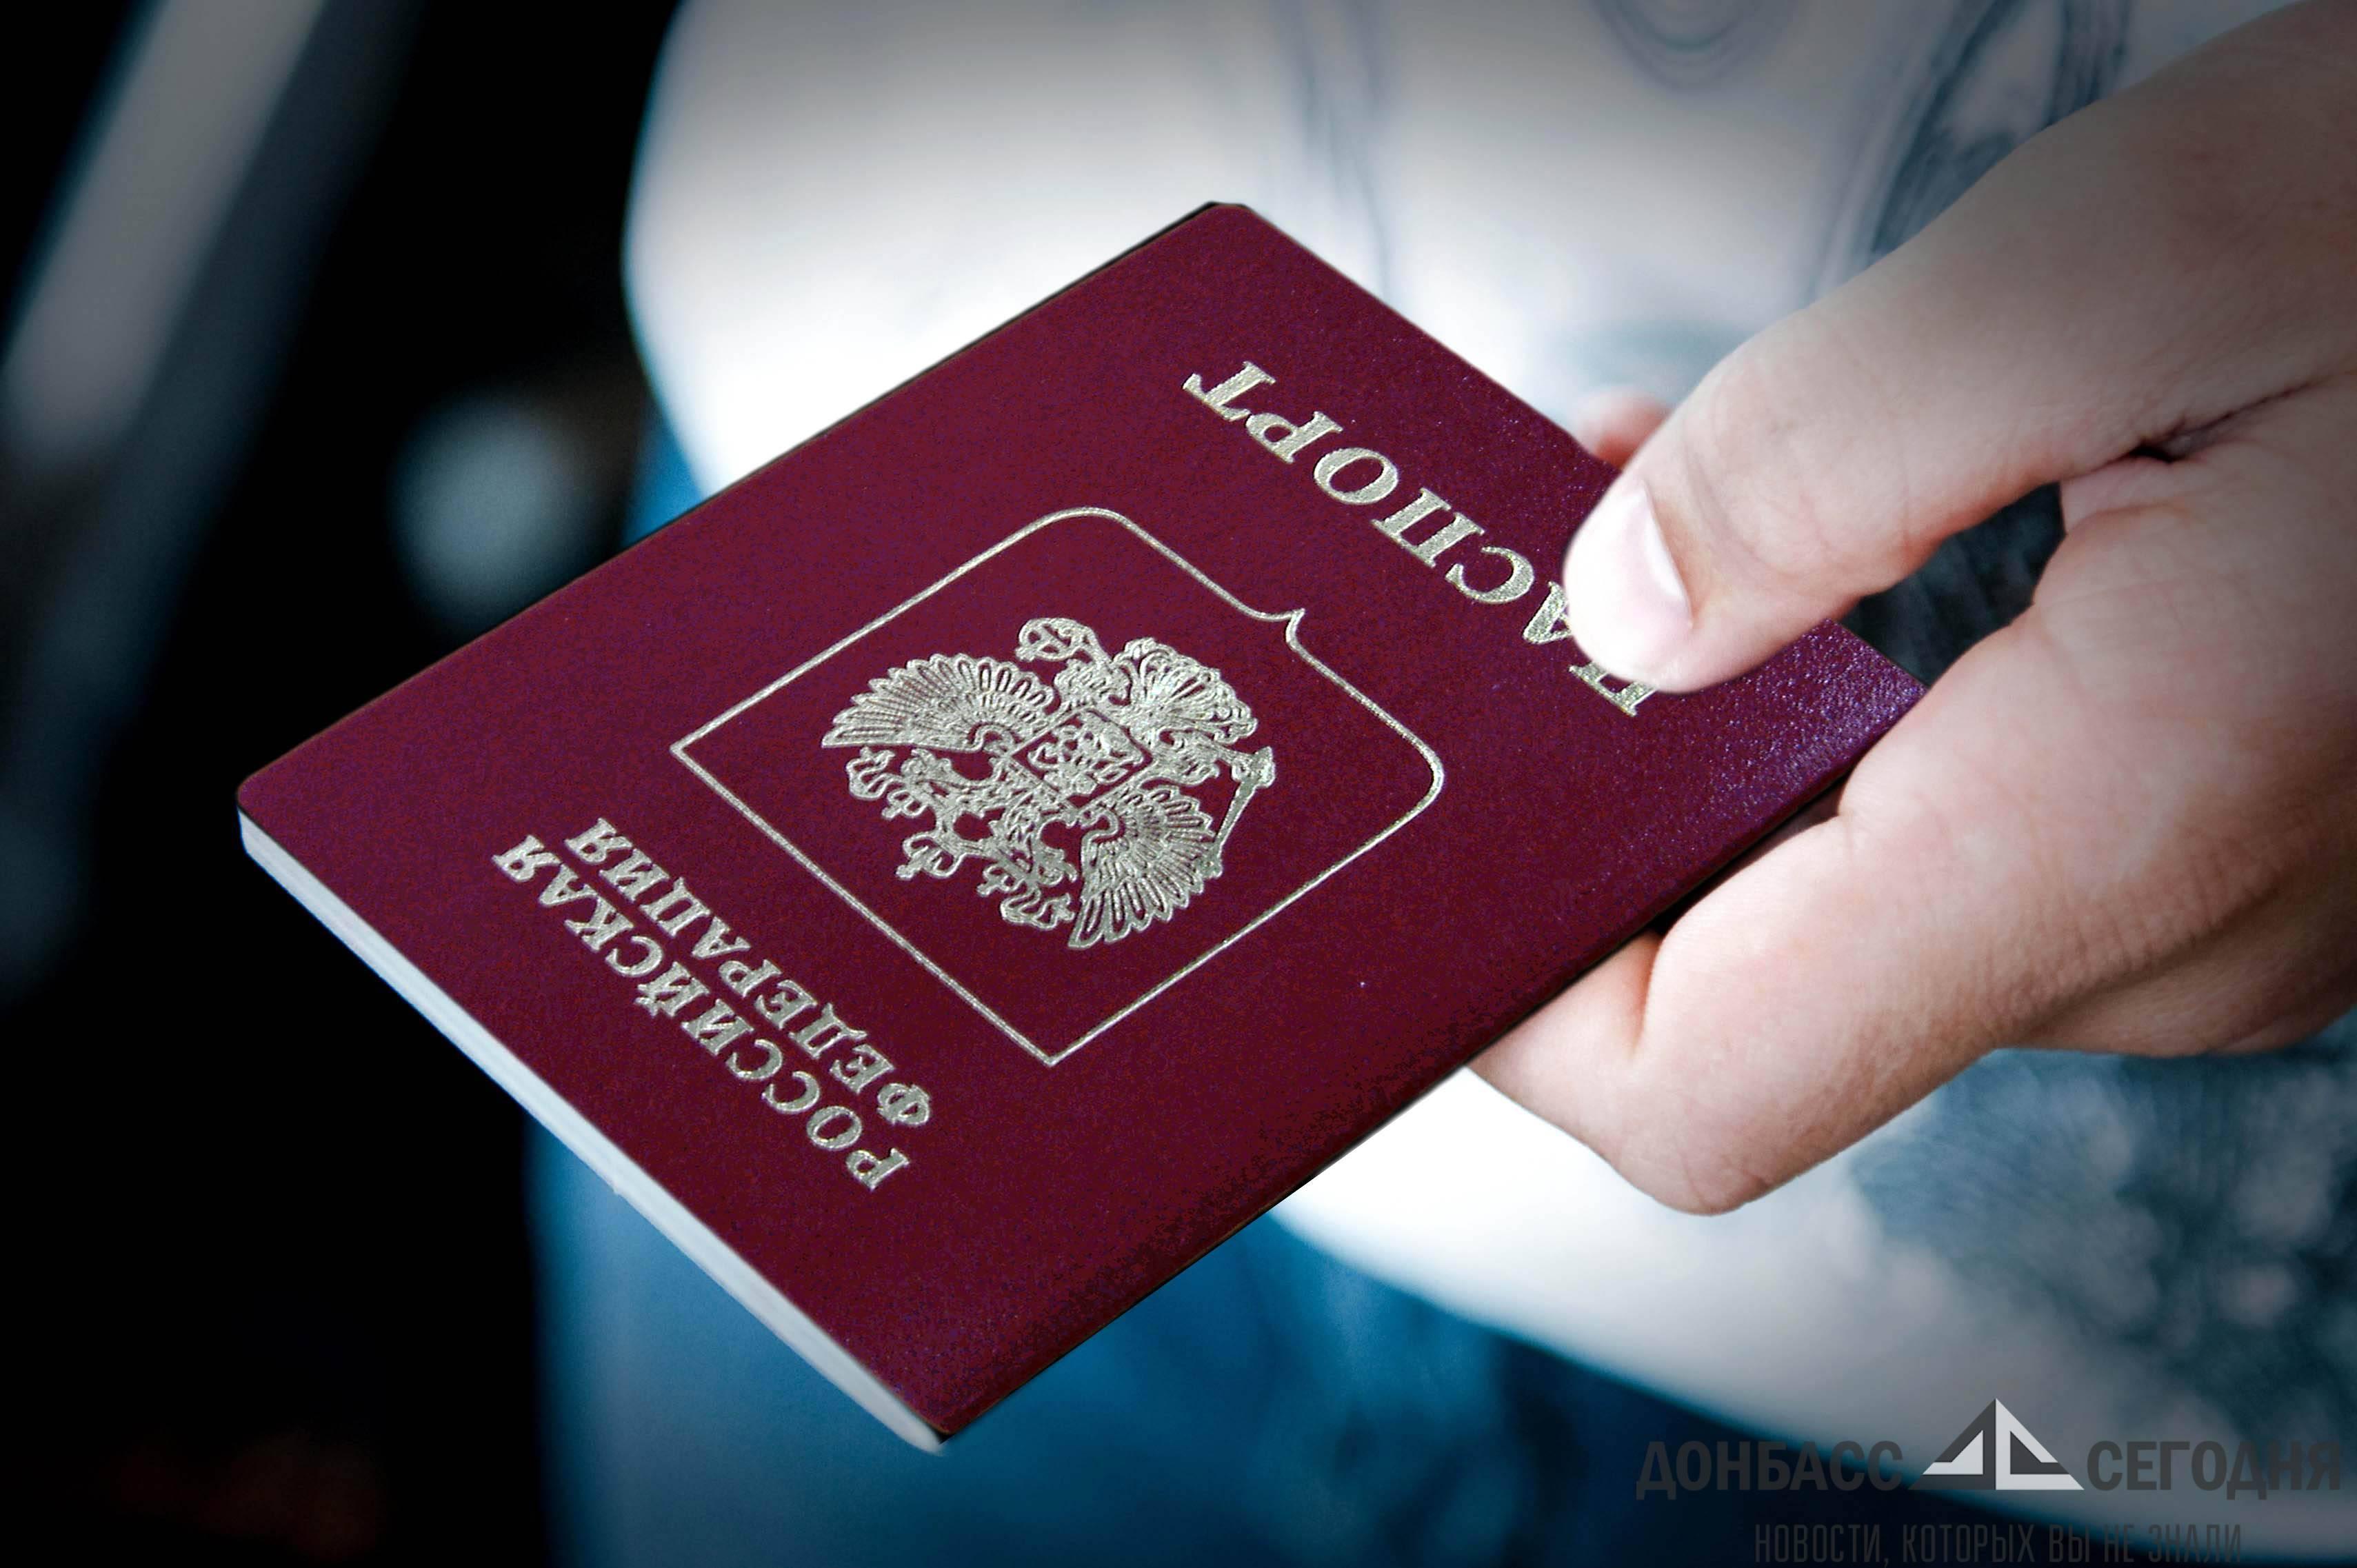 Указ Пушилина об украинских паспортах с отметками ДНР и России - стимул для получения паспорта РФ